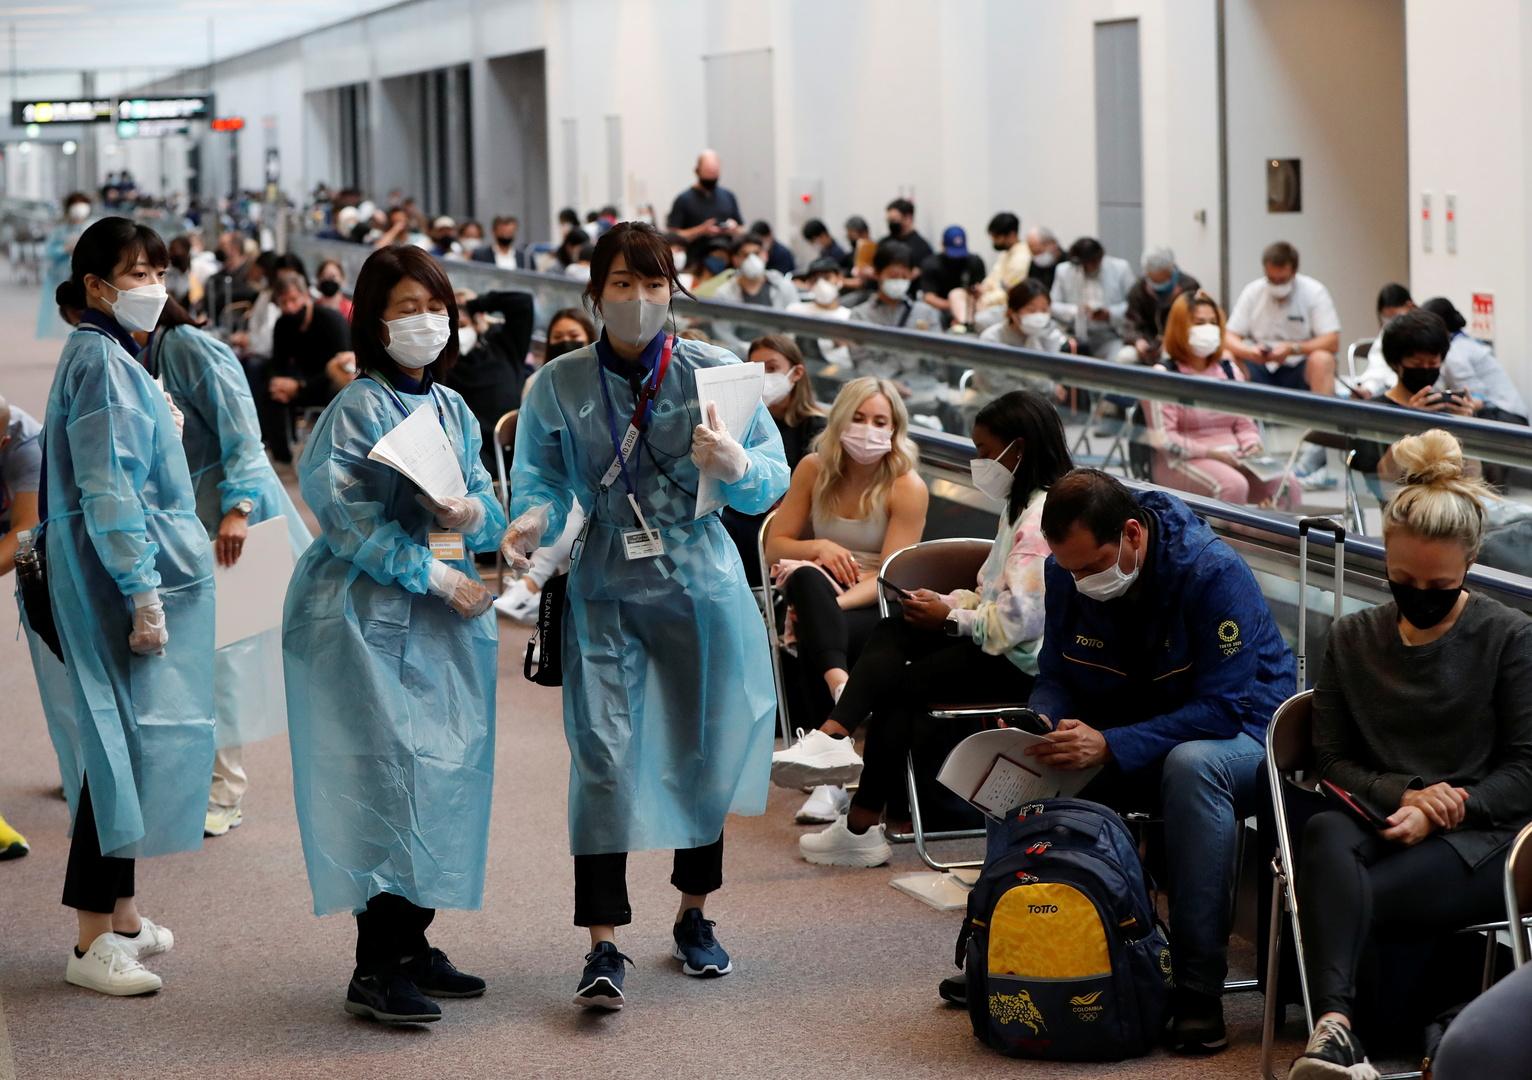 منظمة الصحة: الولايات المتحدة سجلت أعلى معدل عالمي بإصابات كورونا الأسبوع الماضي